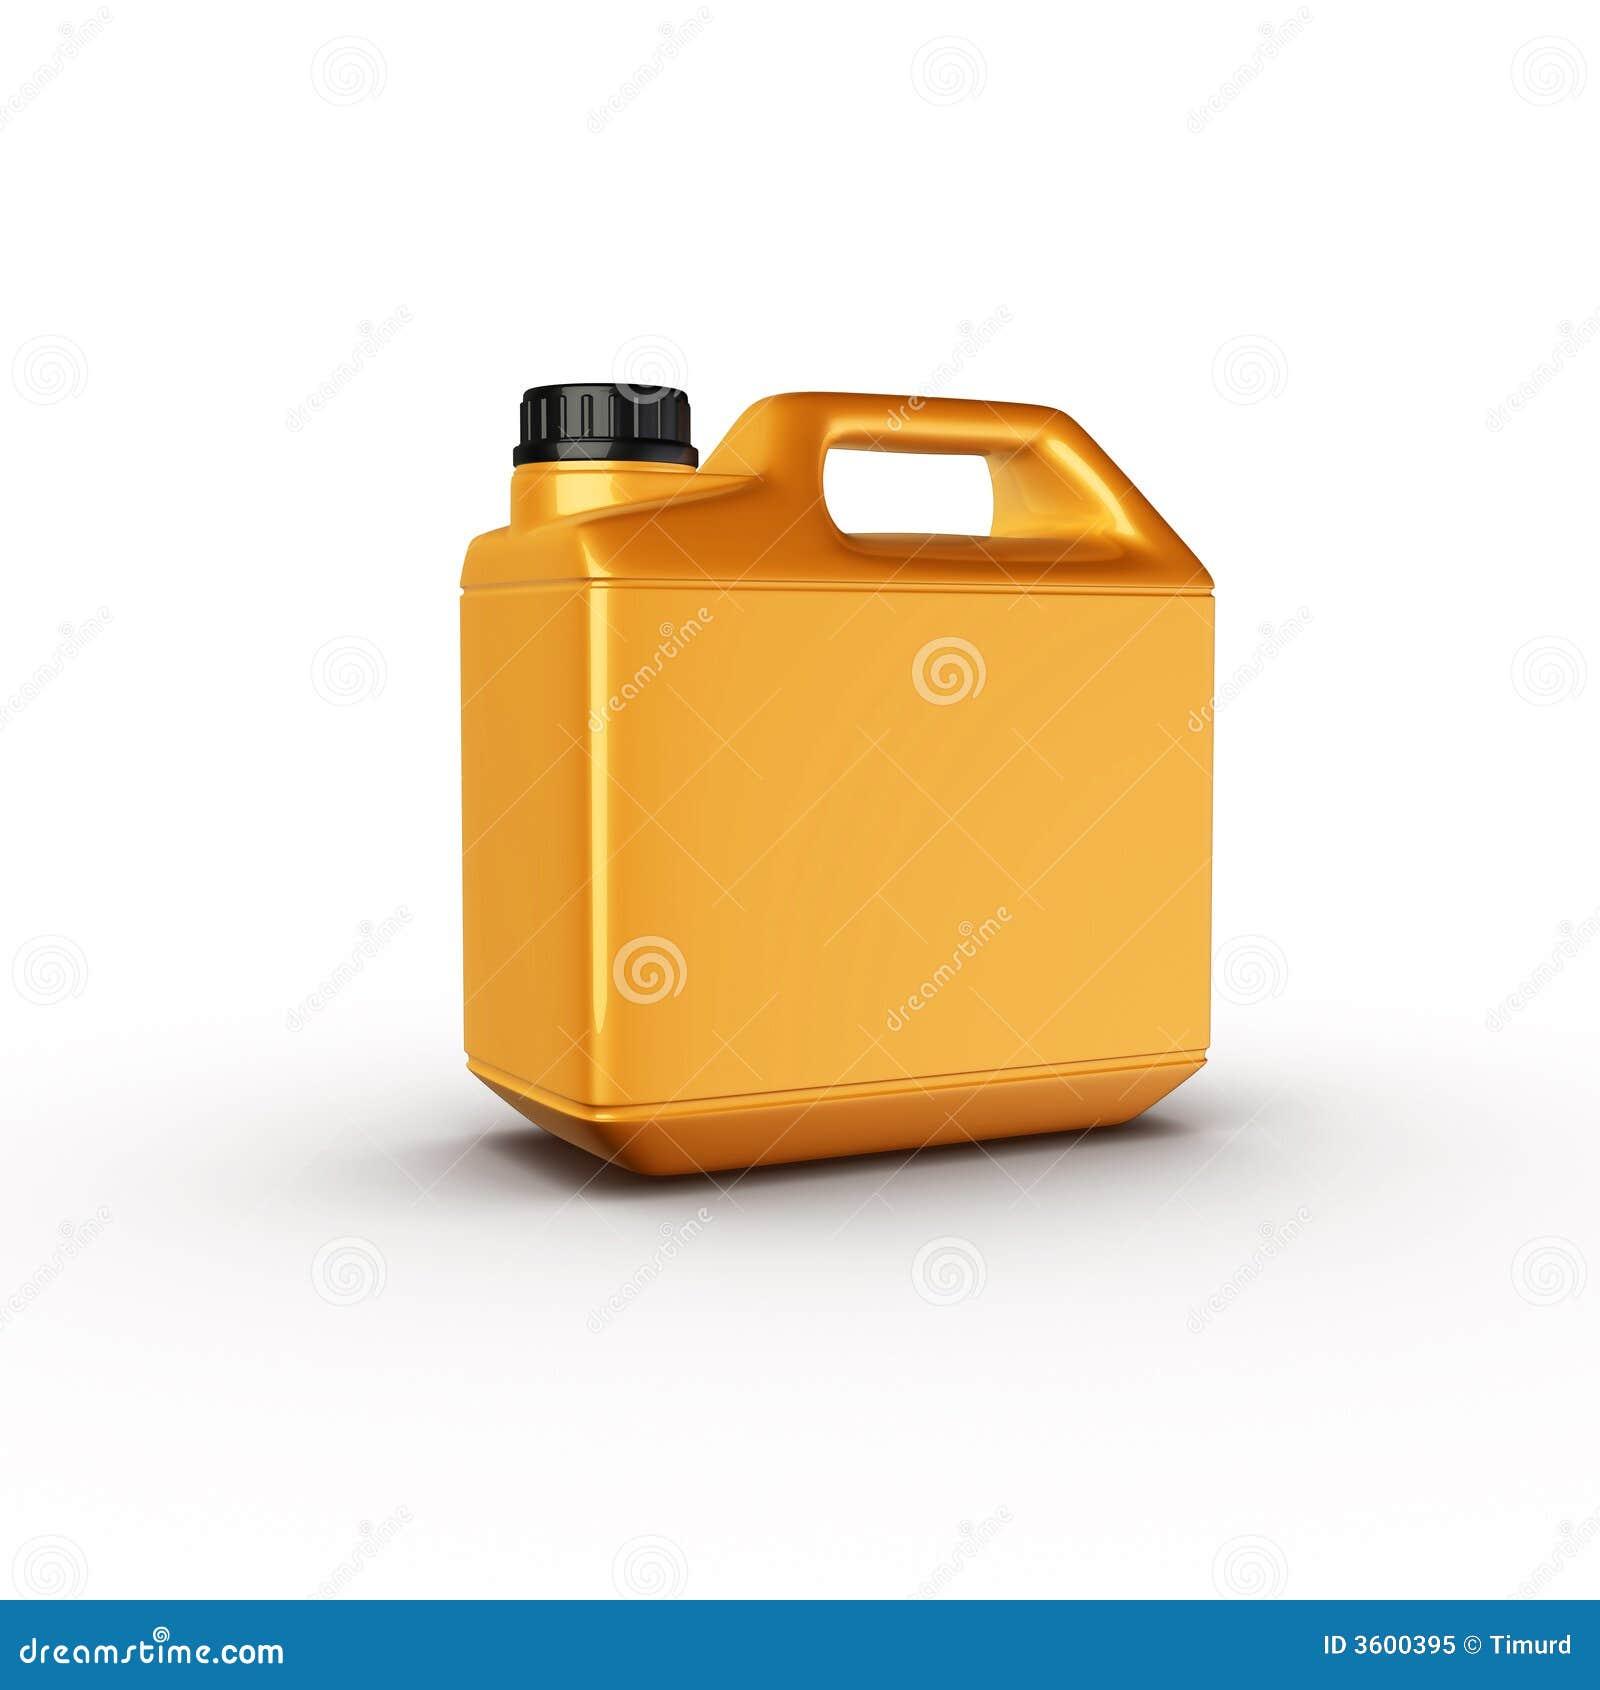 Canister motor oil bottle royalty free stock photo for Motor oil plastic bottle manufacturer